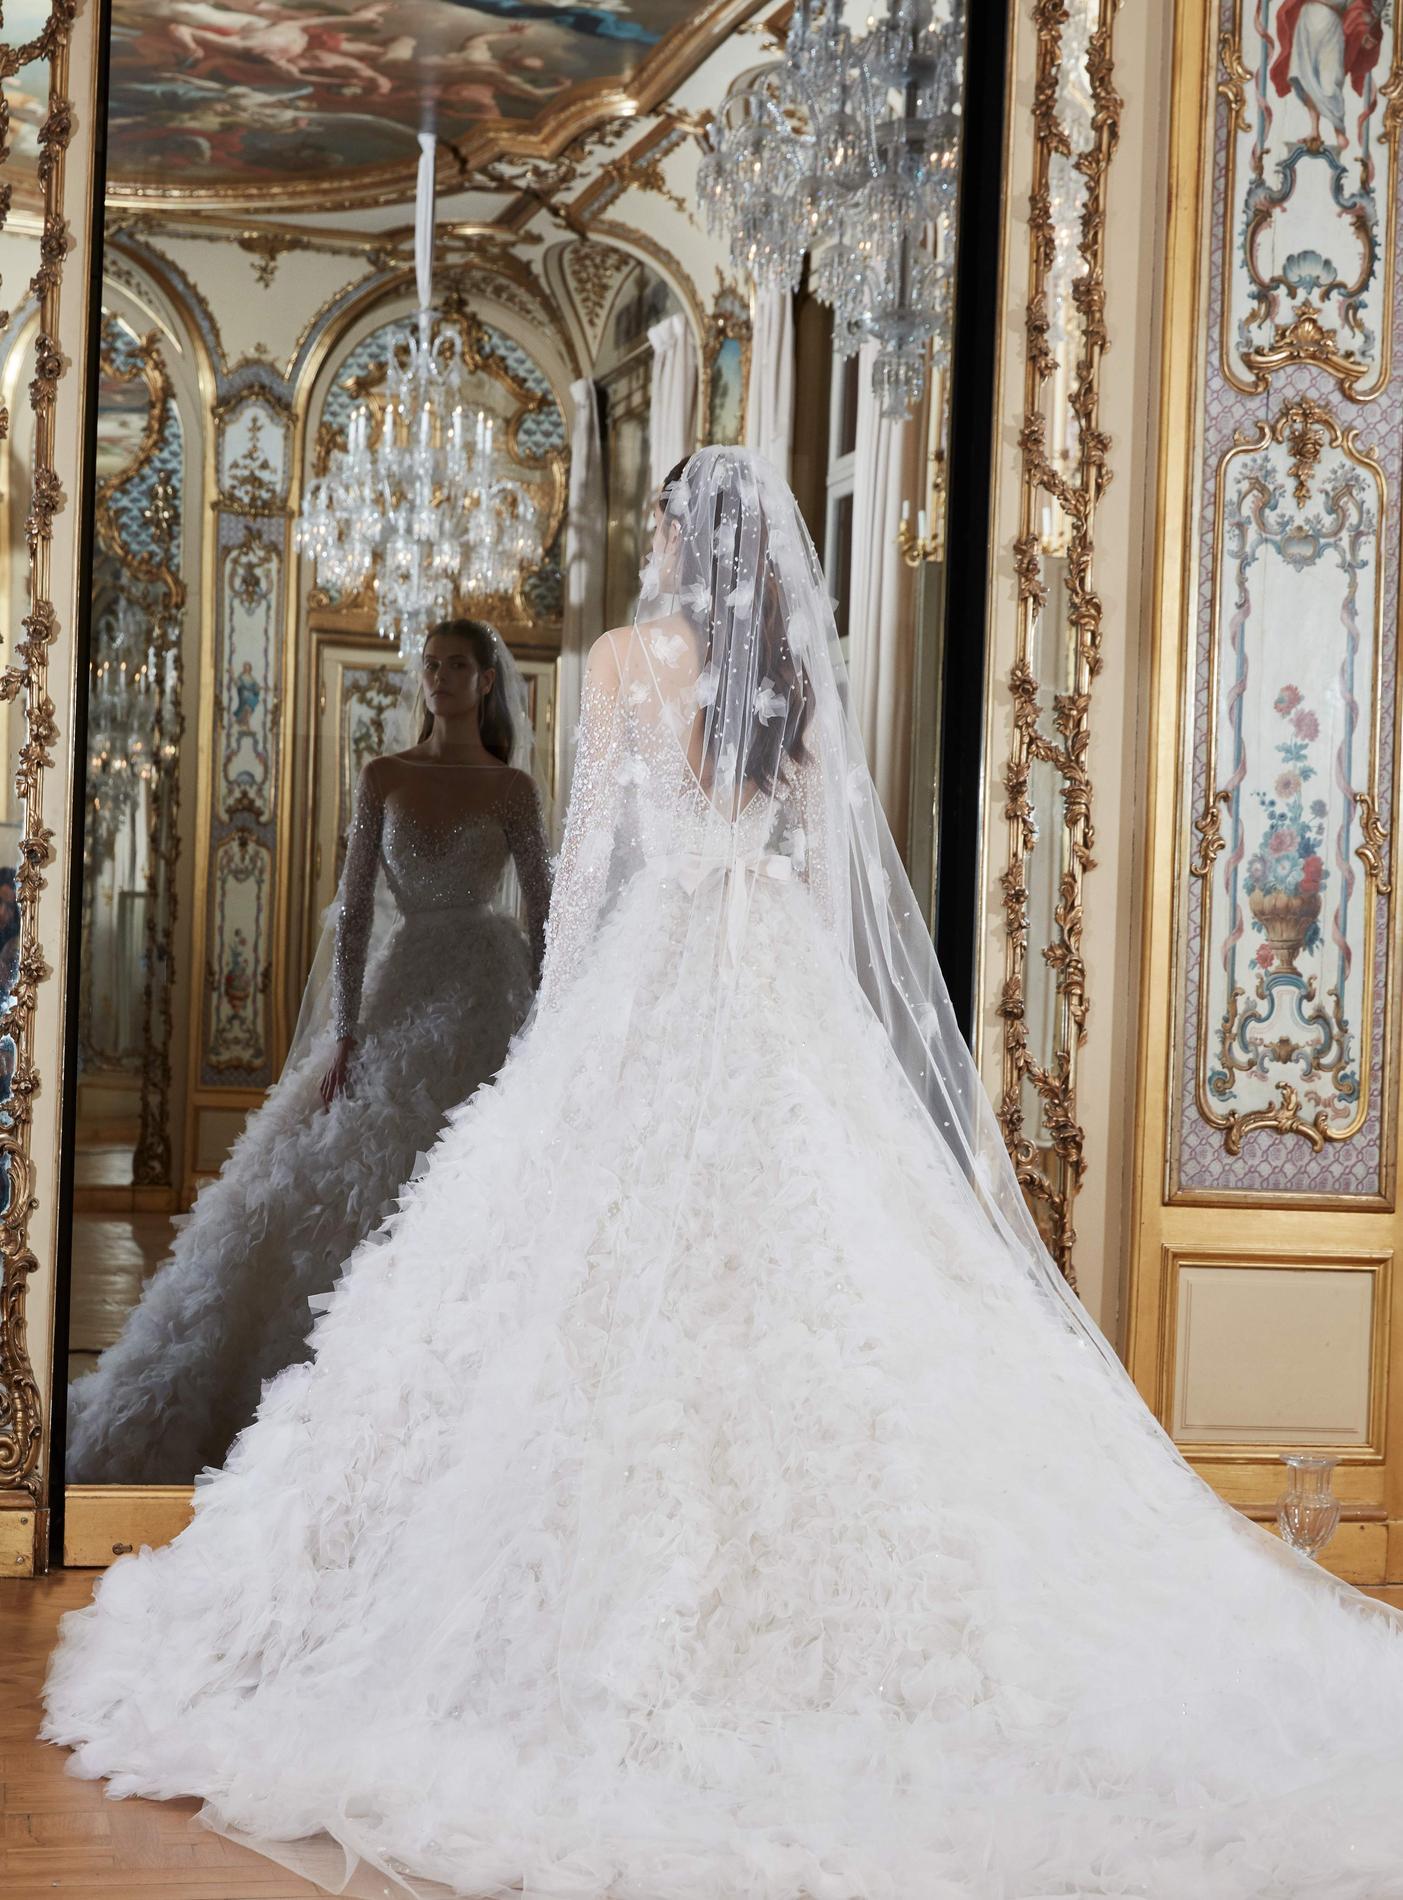 Les Robes De Mariée Signées Elie Saab 2019 Nous Invitent à